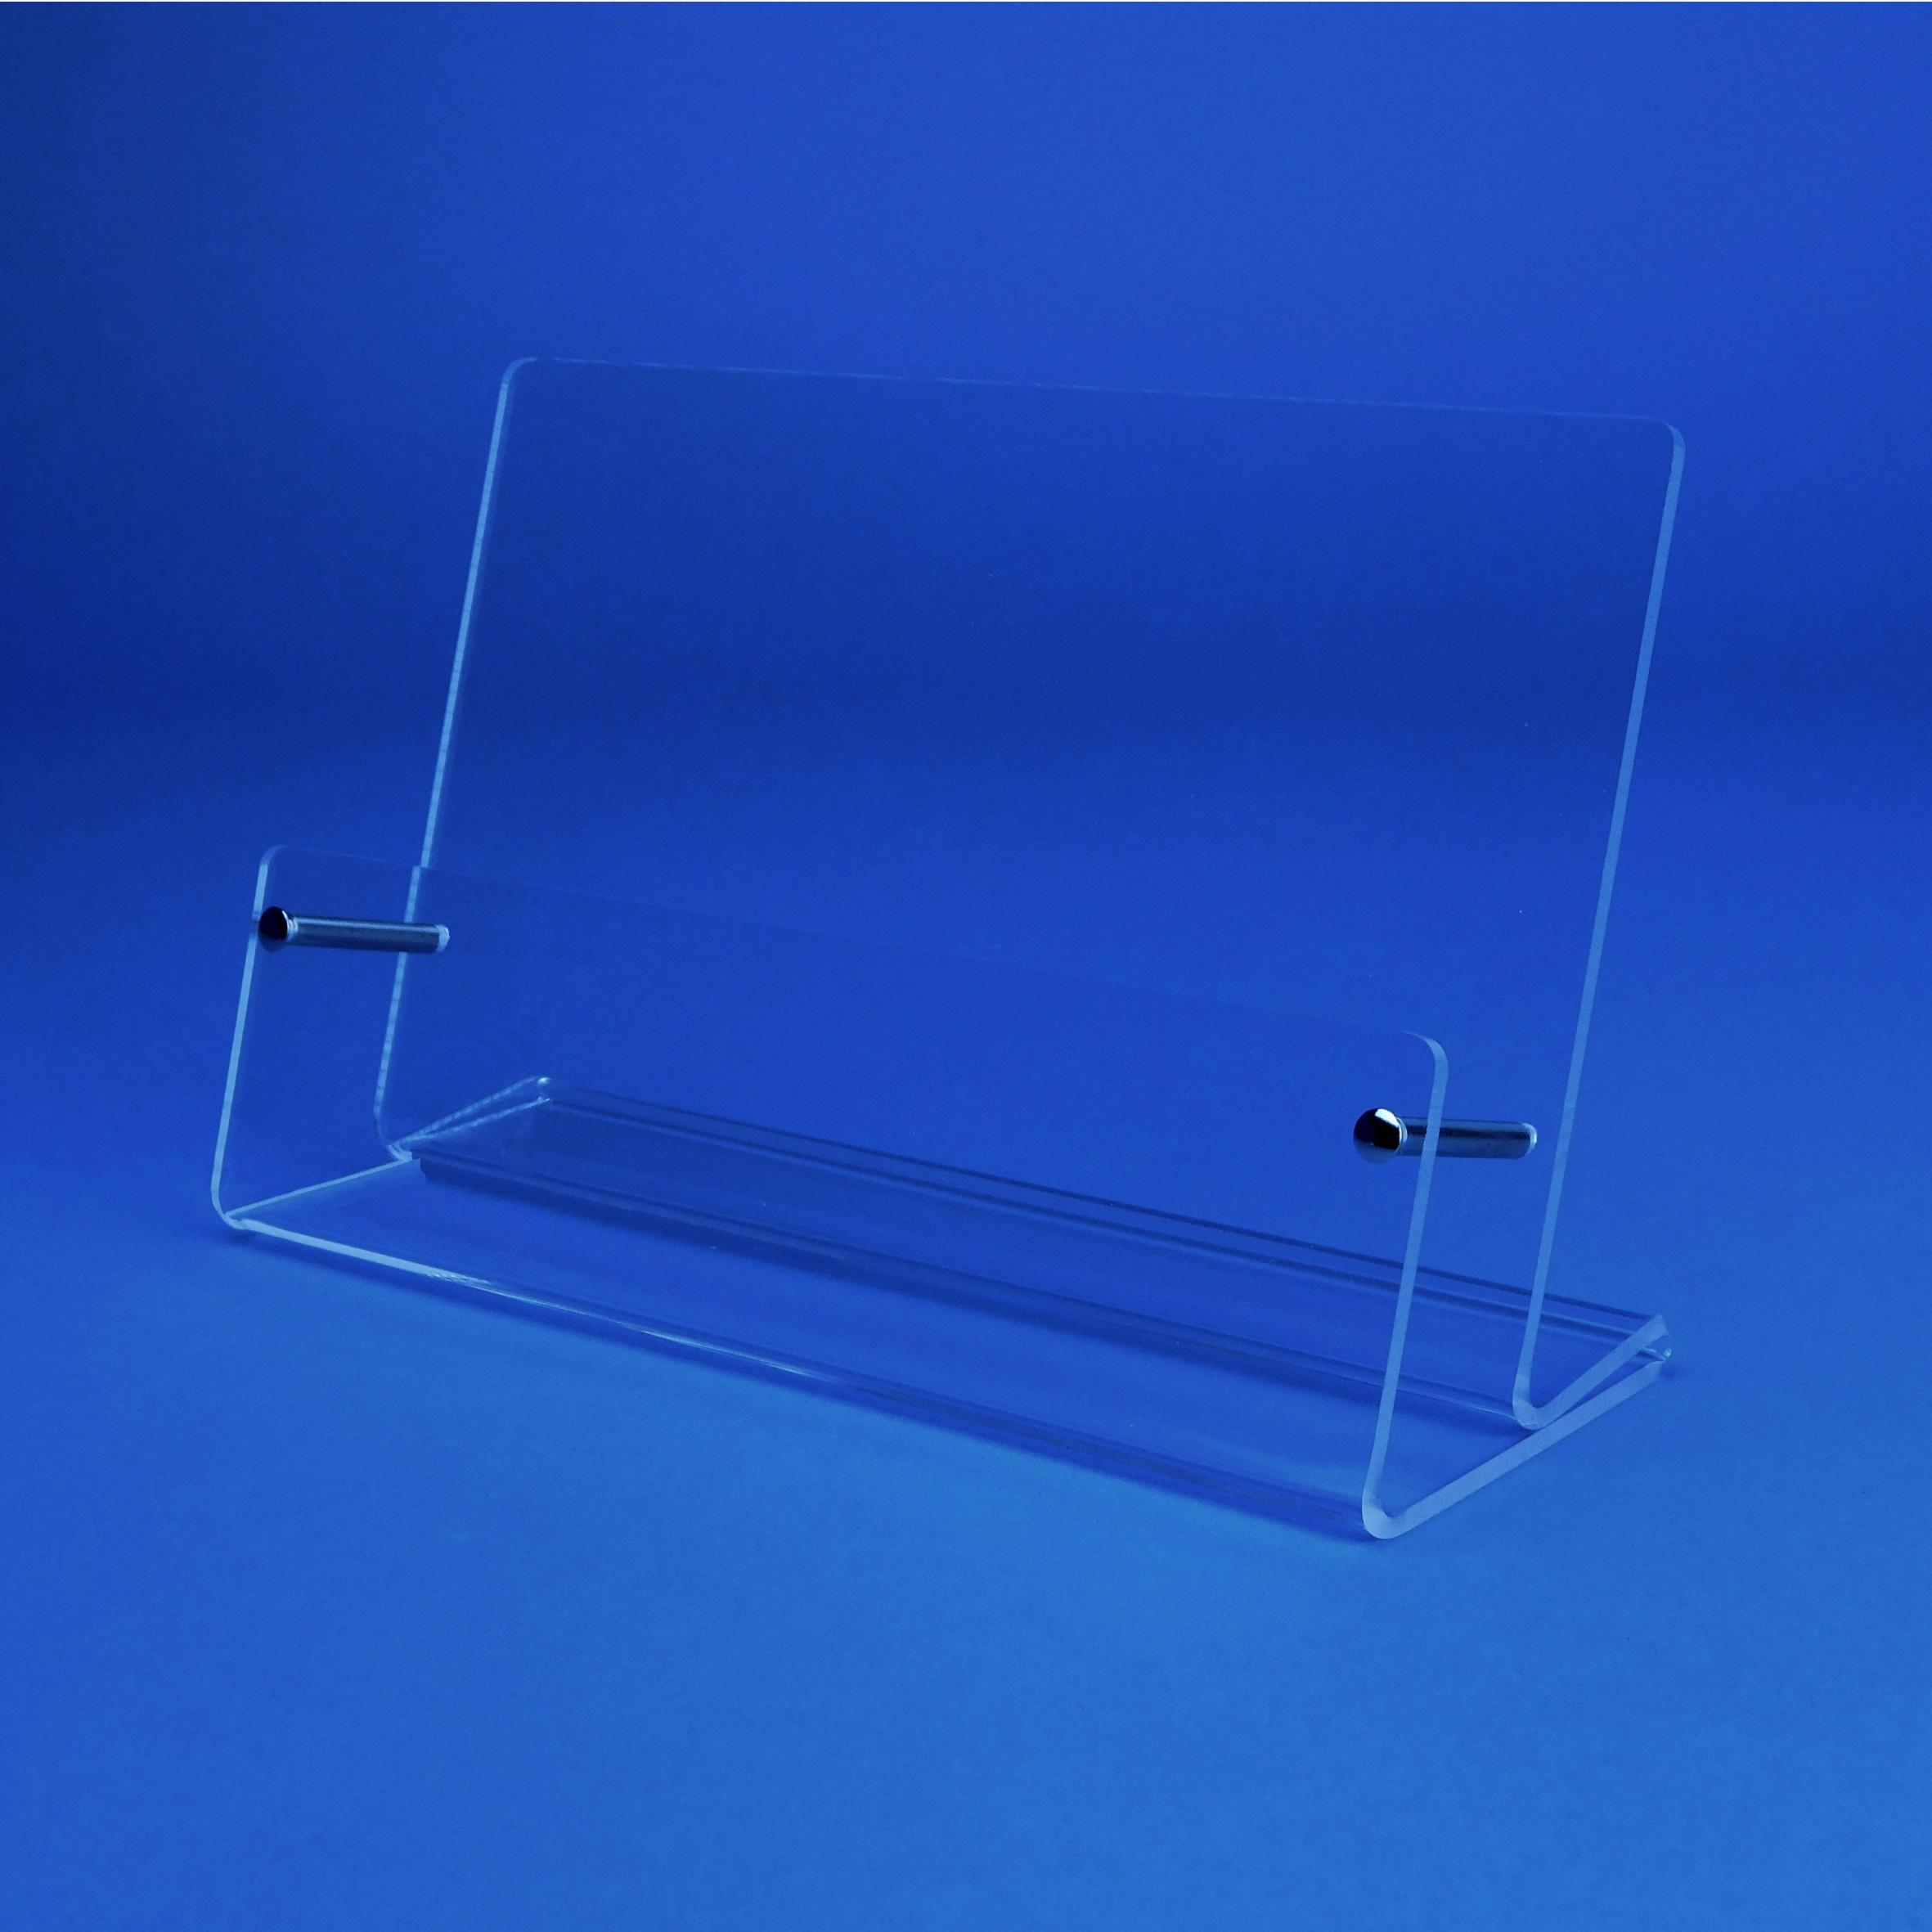 Tischprospektständer Für Visitenkarten Im Querformat Fülltiefe 23mm